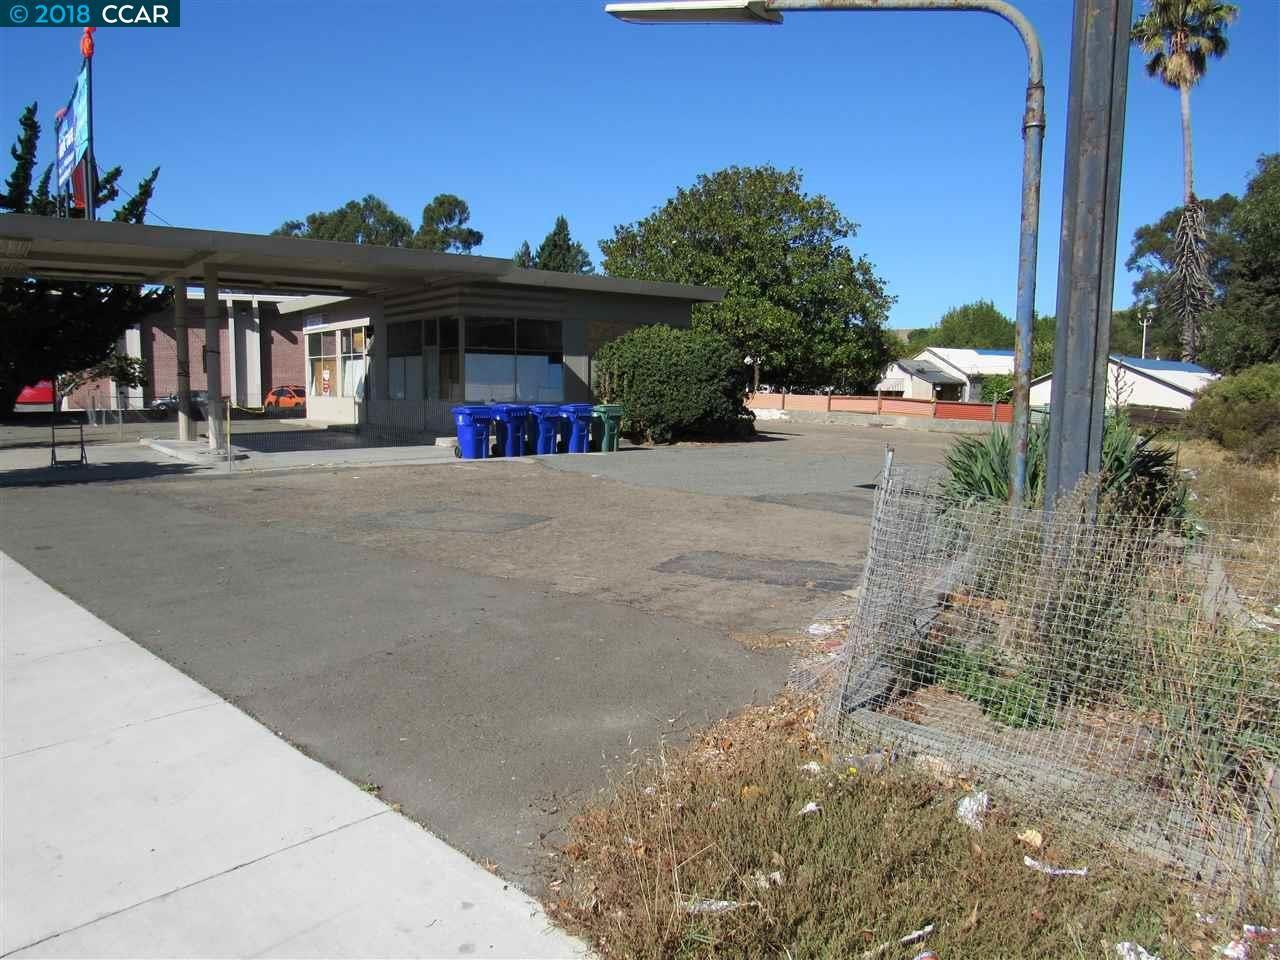 Photo of 4011 San Pablo Dam Rd, EL SOBRANTE, CA 94803 (MLS # 40842460)